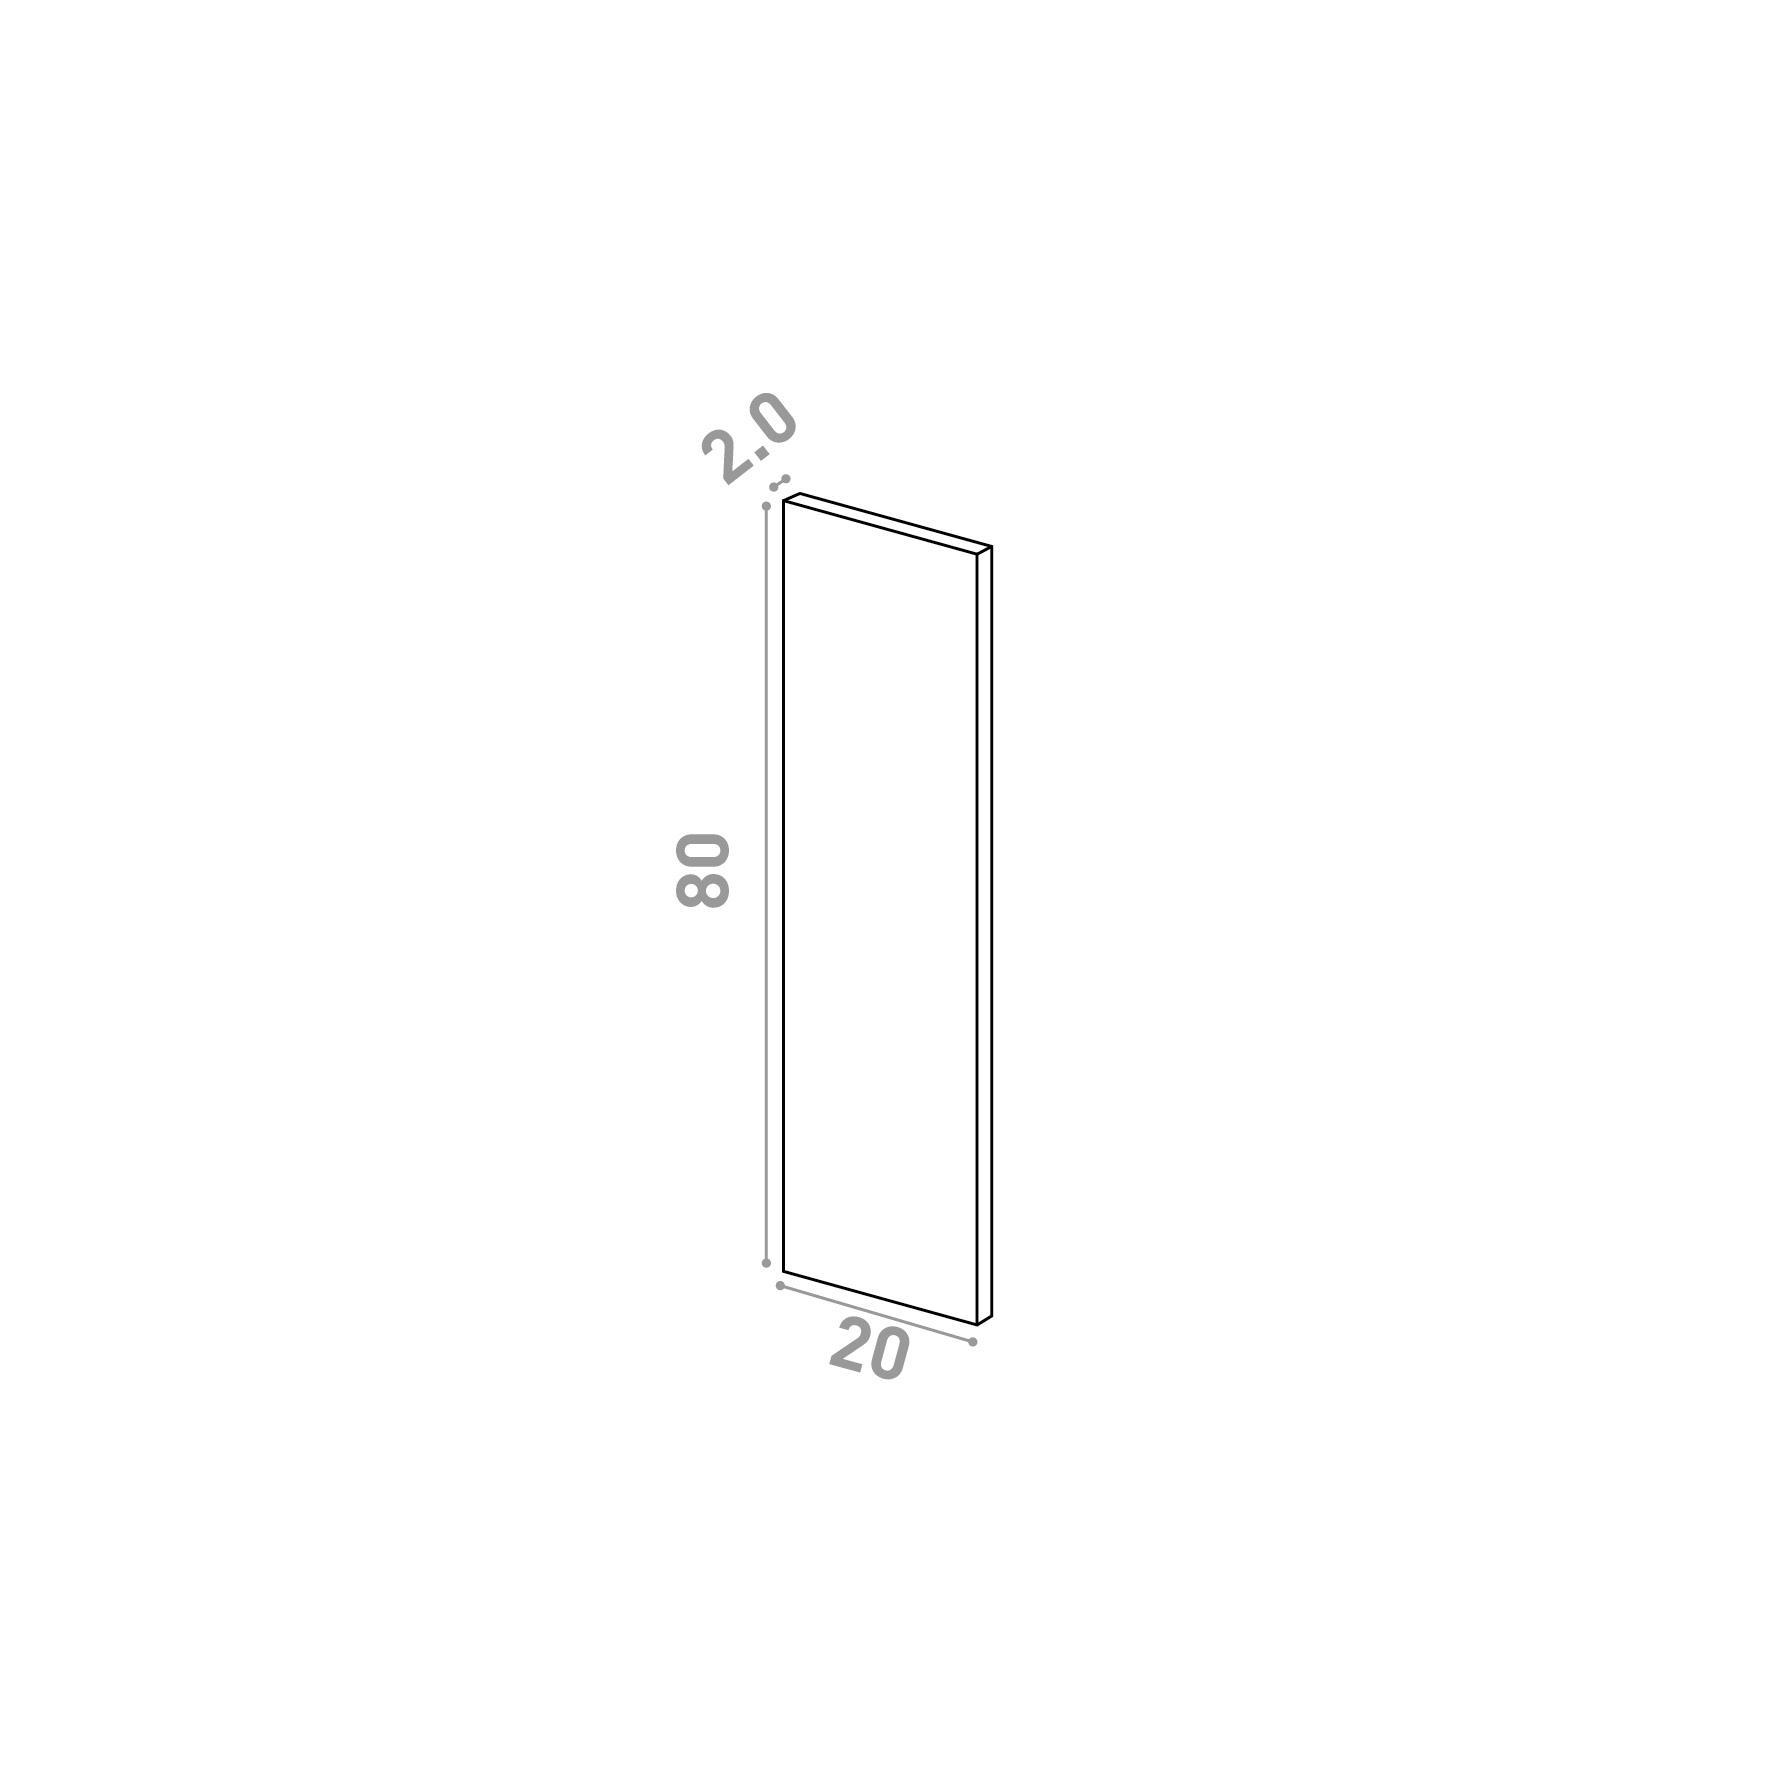 Porte 20X80cm   design lisse   noyer naturel